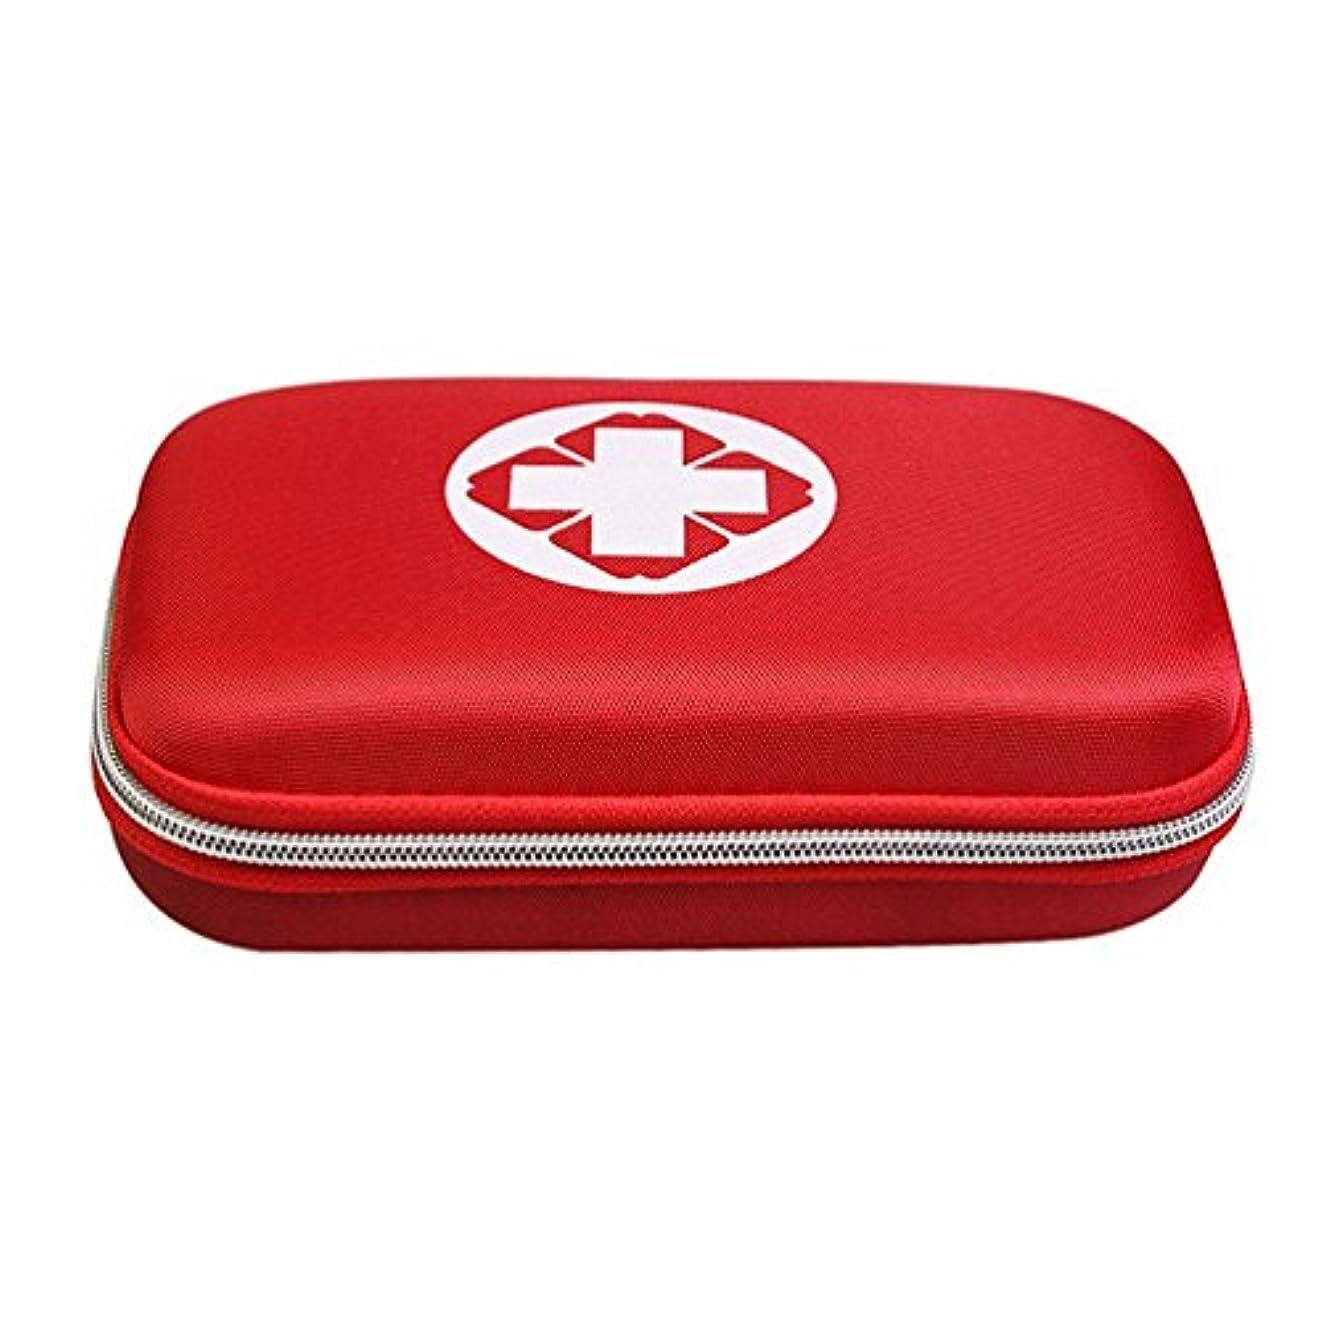 召喚する取るインテリアSheltons 携帯用救急箱 緊急応急セット 防災セット ファーストエイドキット スポーツケア 応急処置17種類